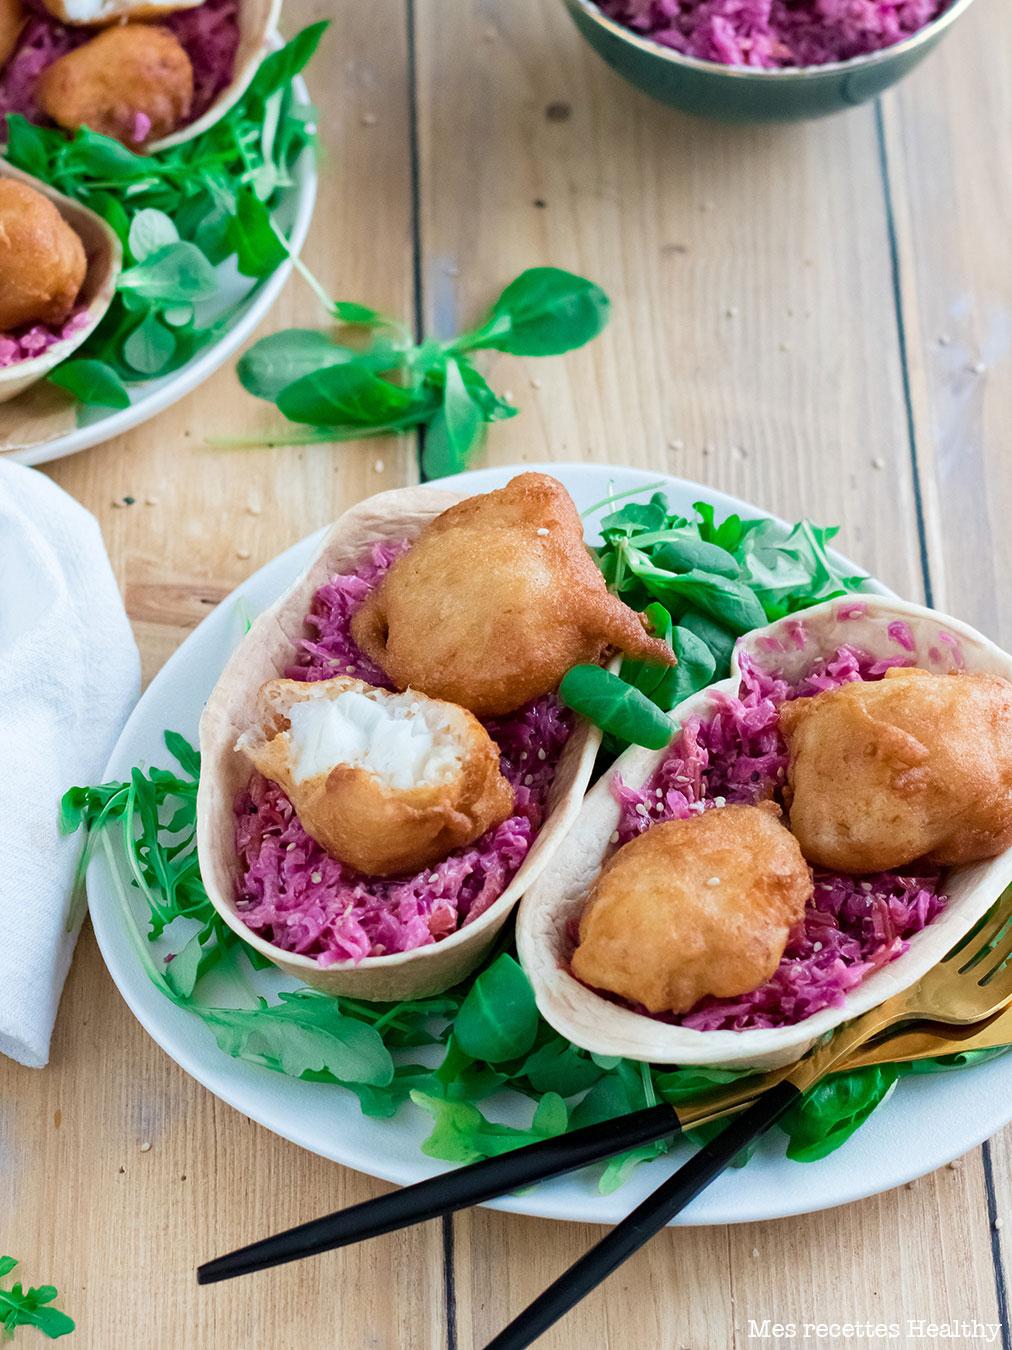 recette healthy-beignet cabillaud-coleslaw